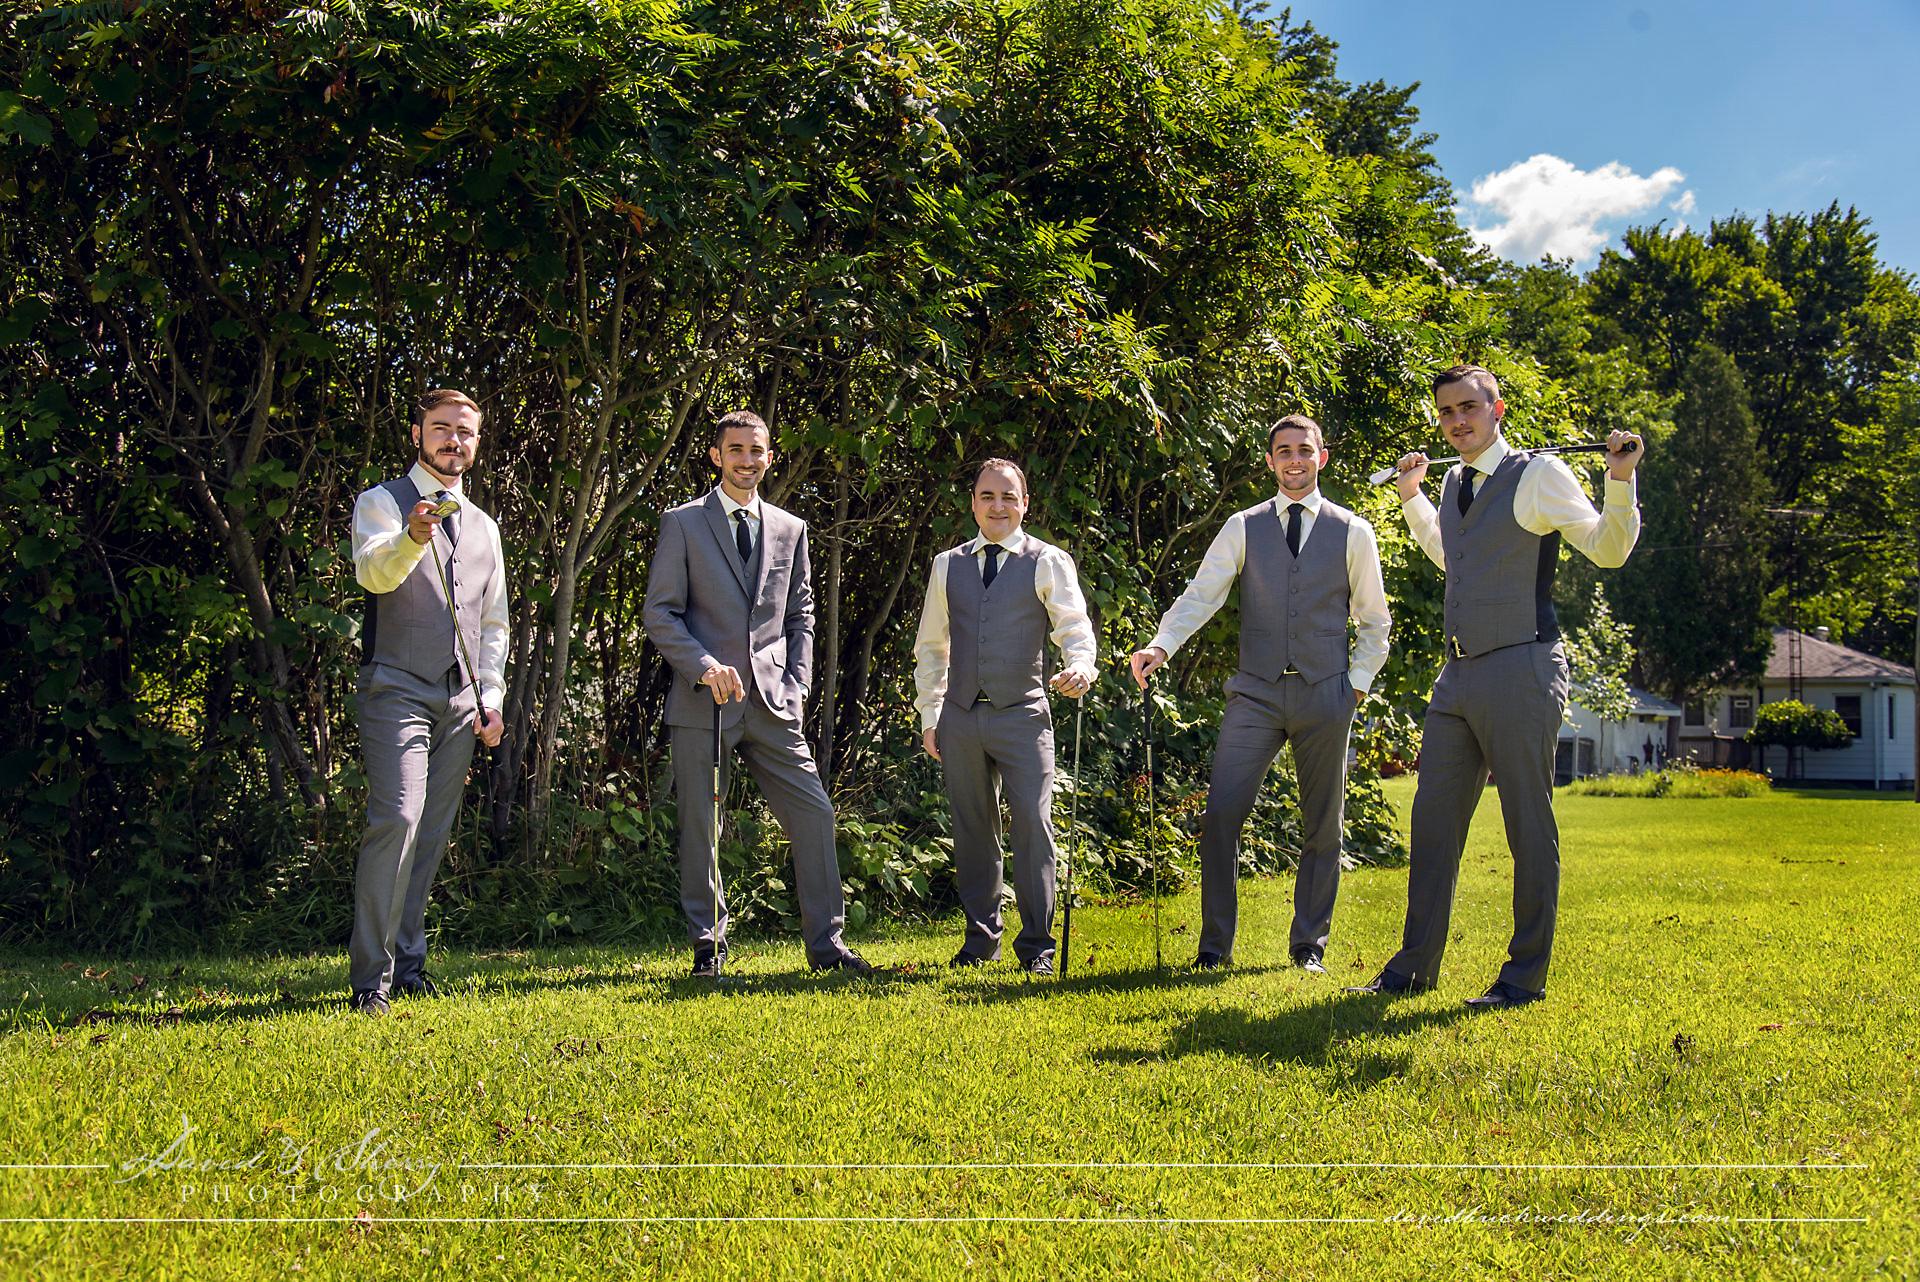 Windsor_Wedding_Photography_02